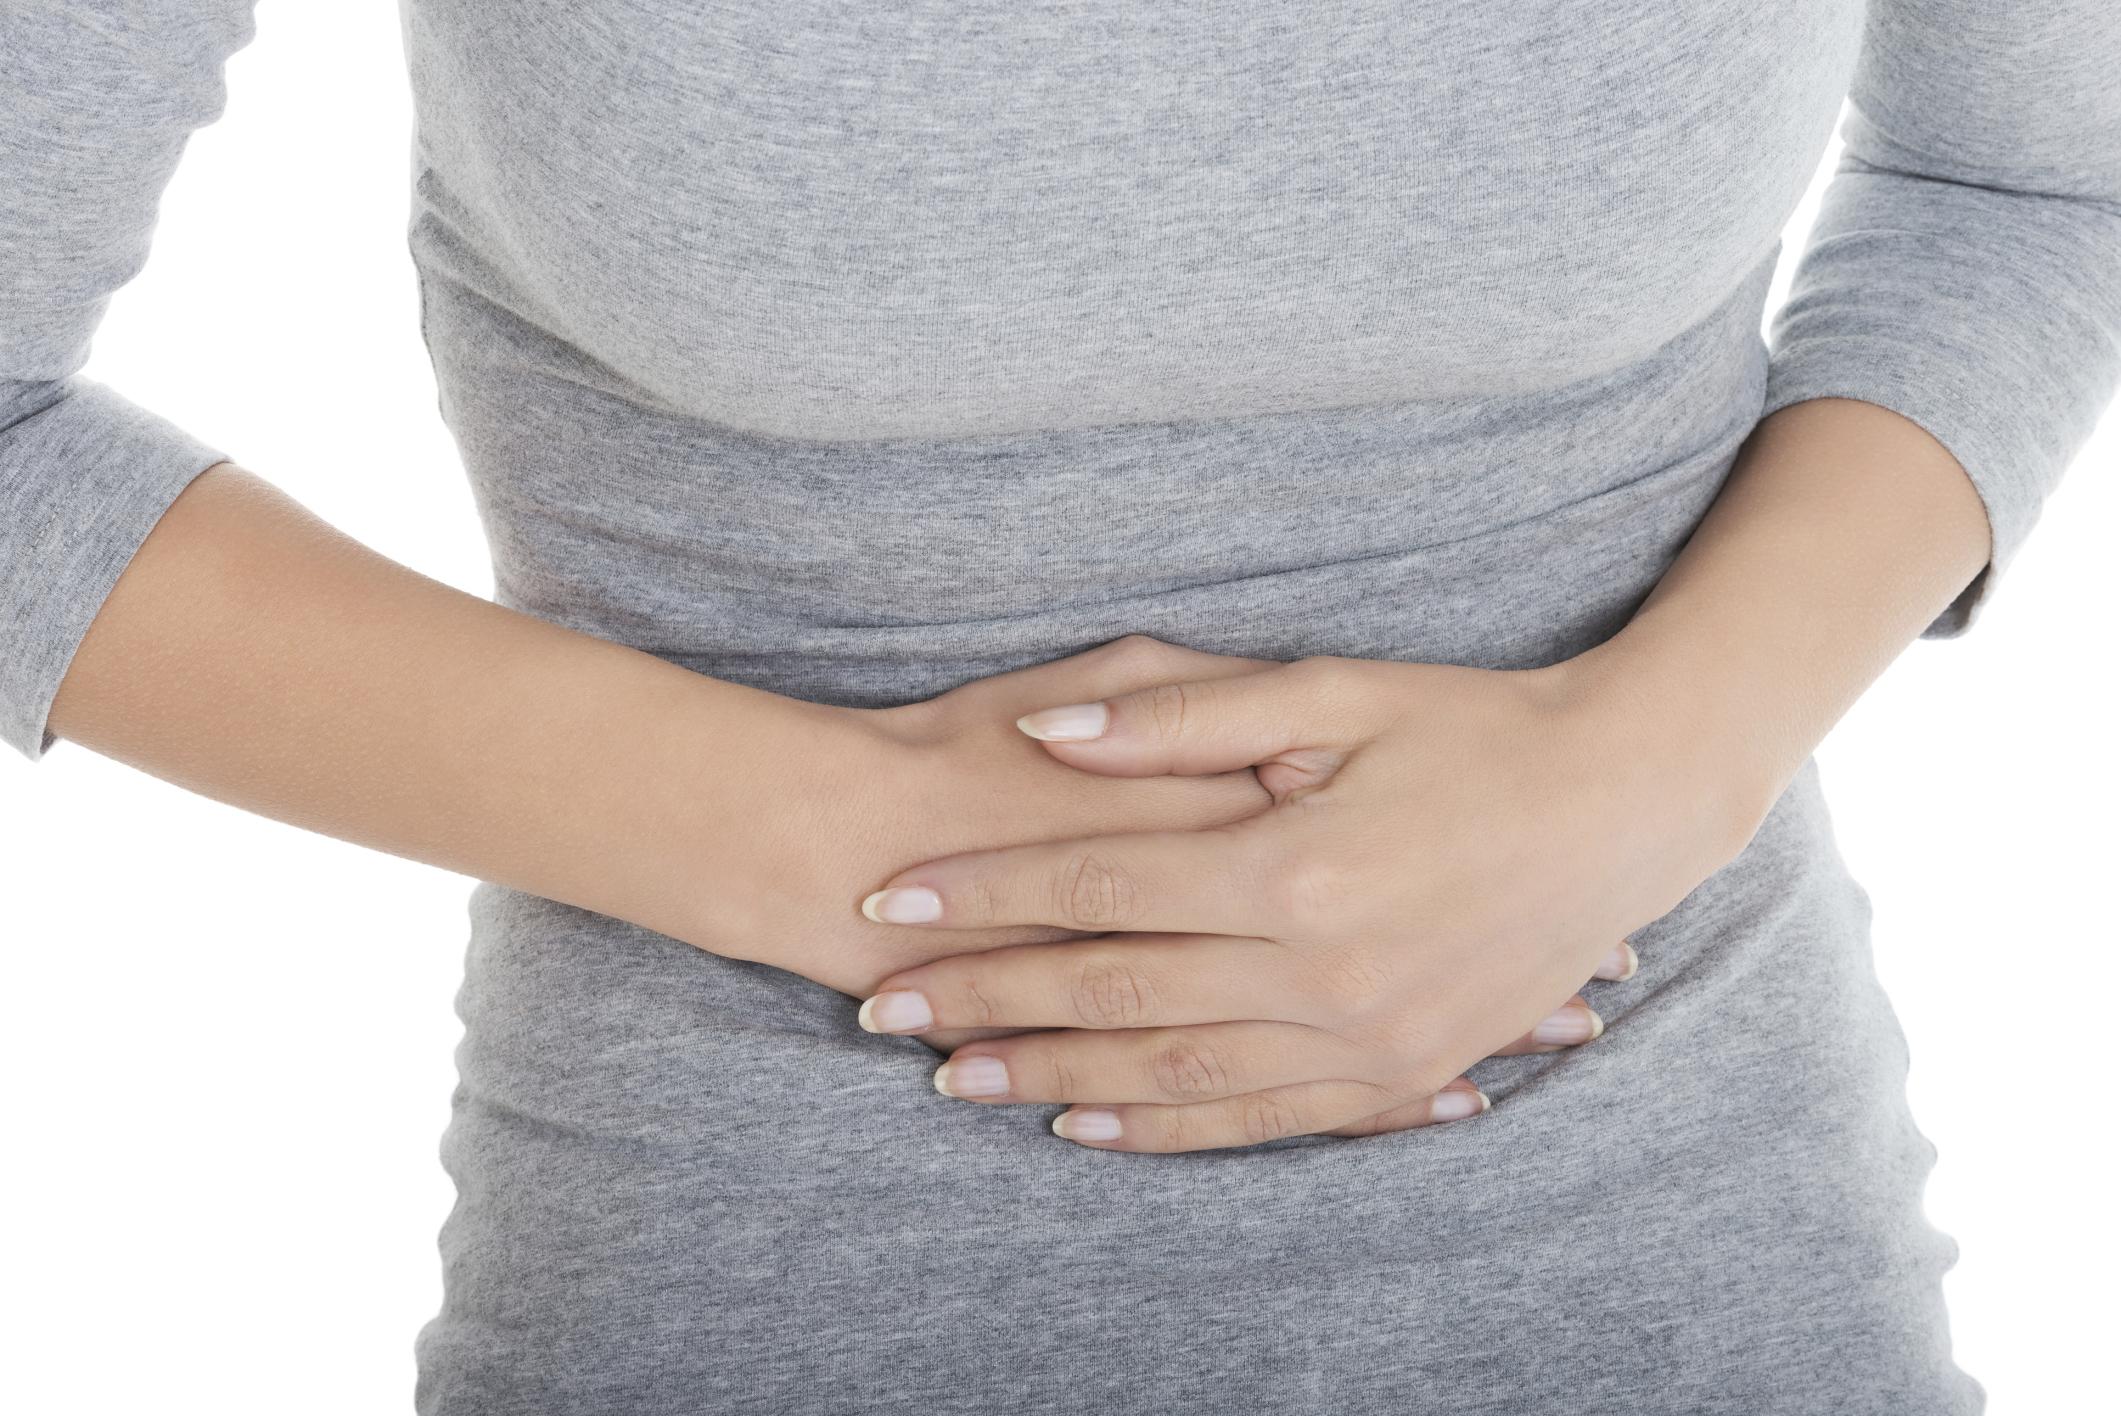 Đau bụng- Triệu chứng hội chứng ruột kích thích